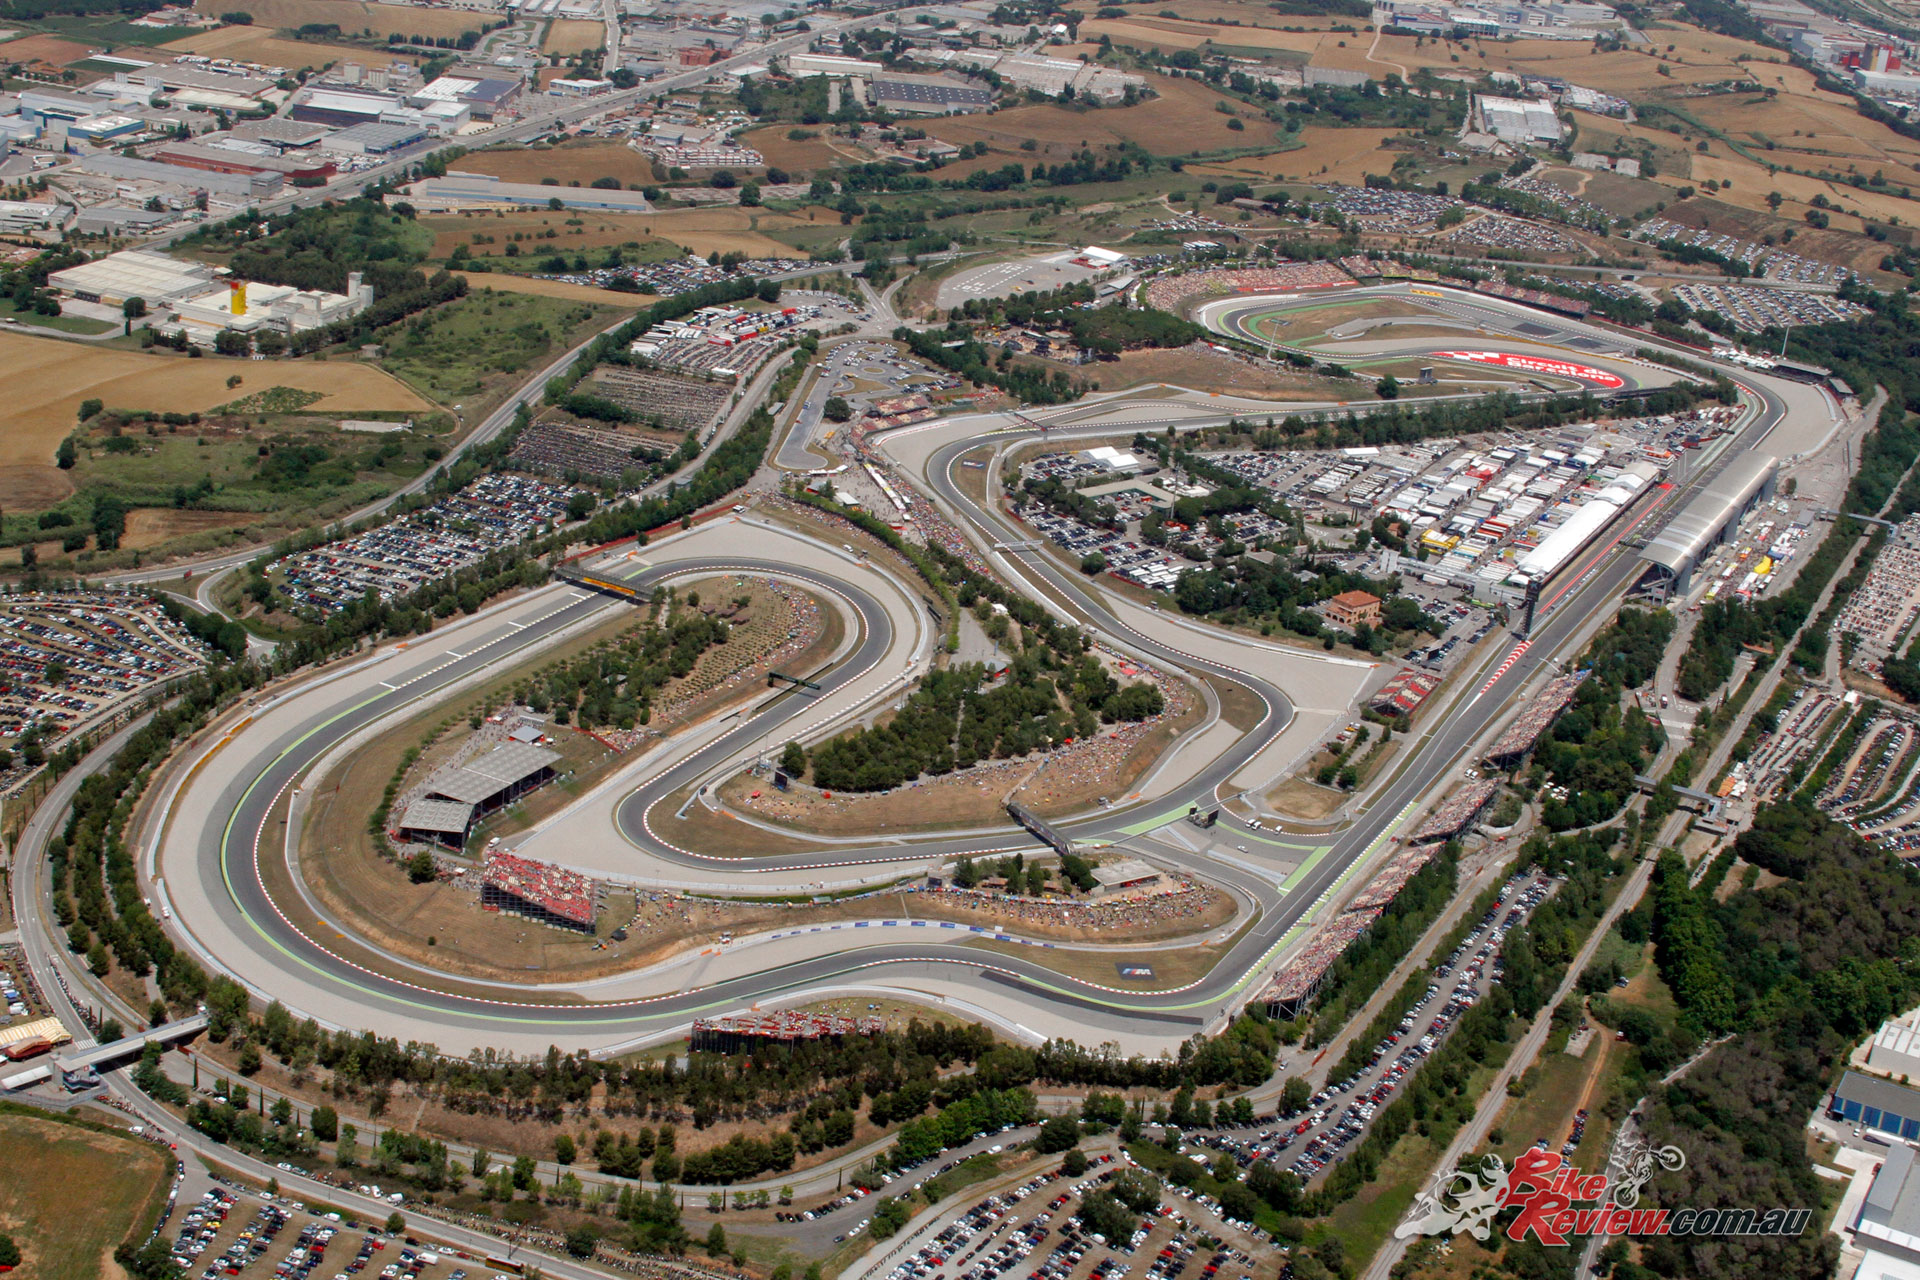 MotoGP heads to Catalunya